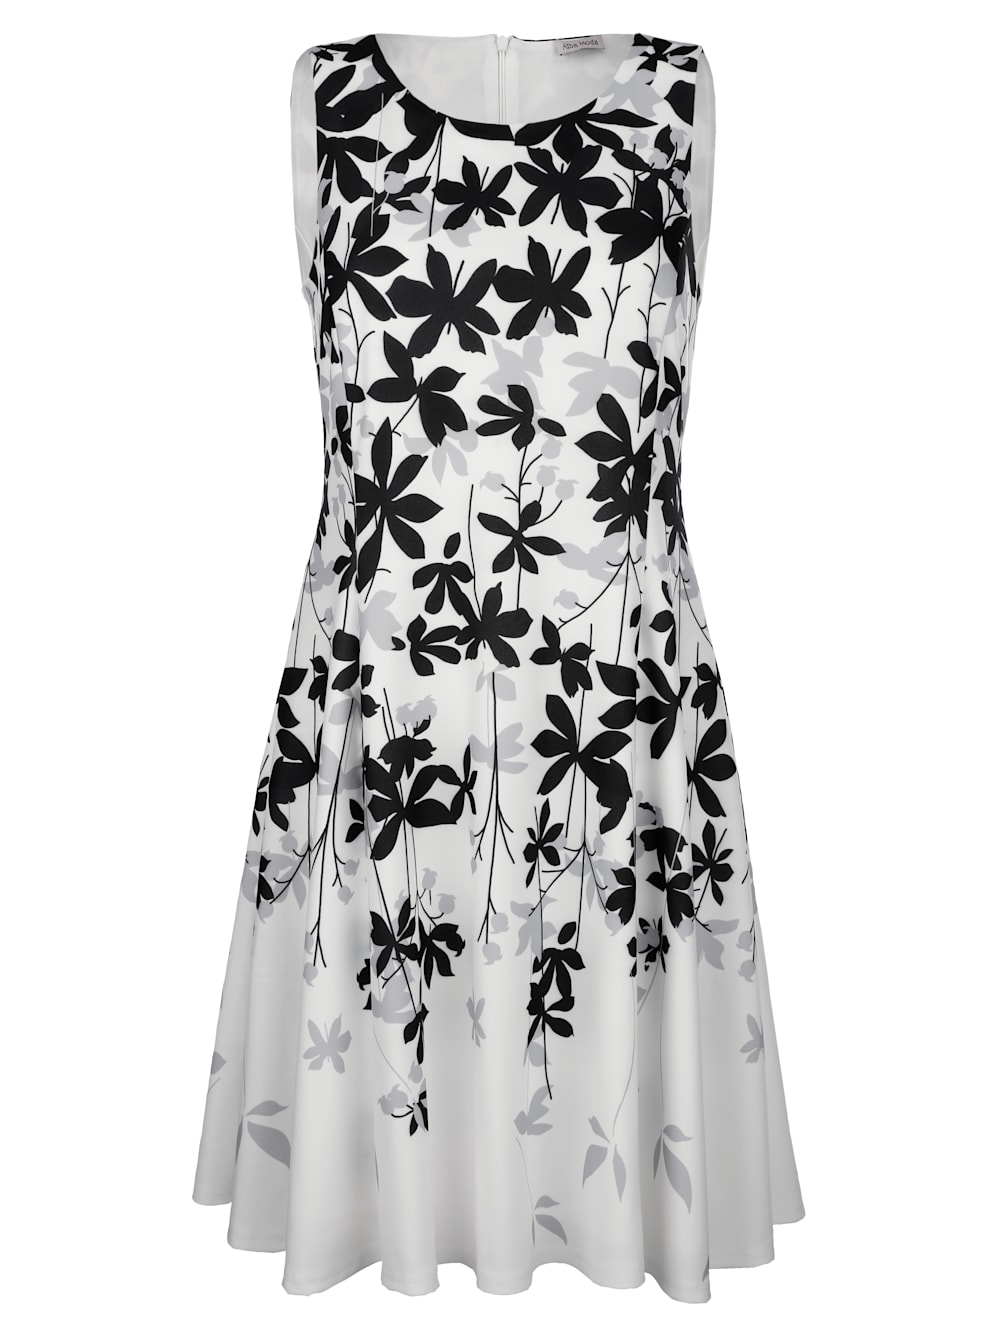 alba moda kleid mit floralem druck im verlauf | alba moda